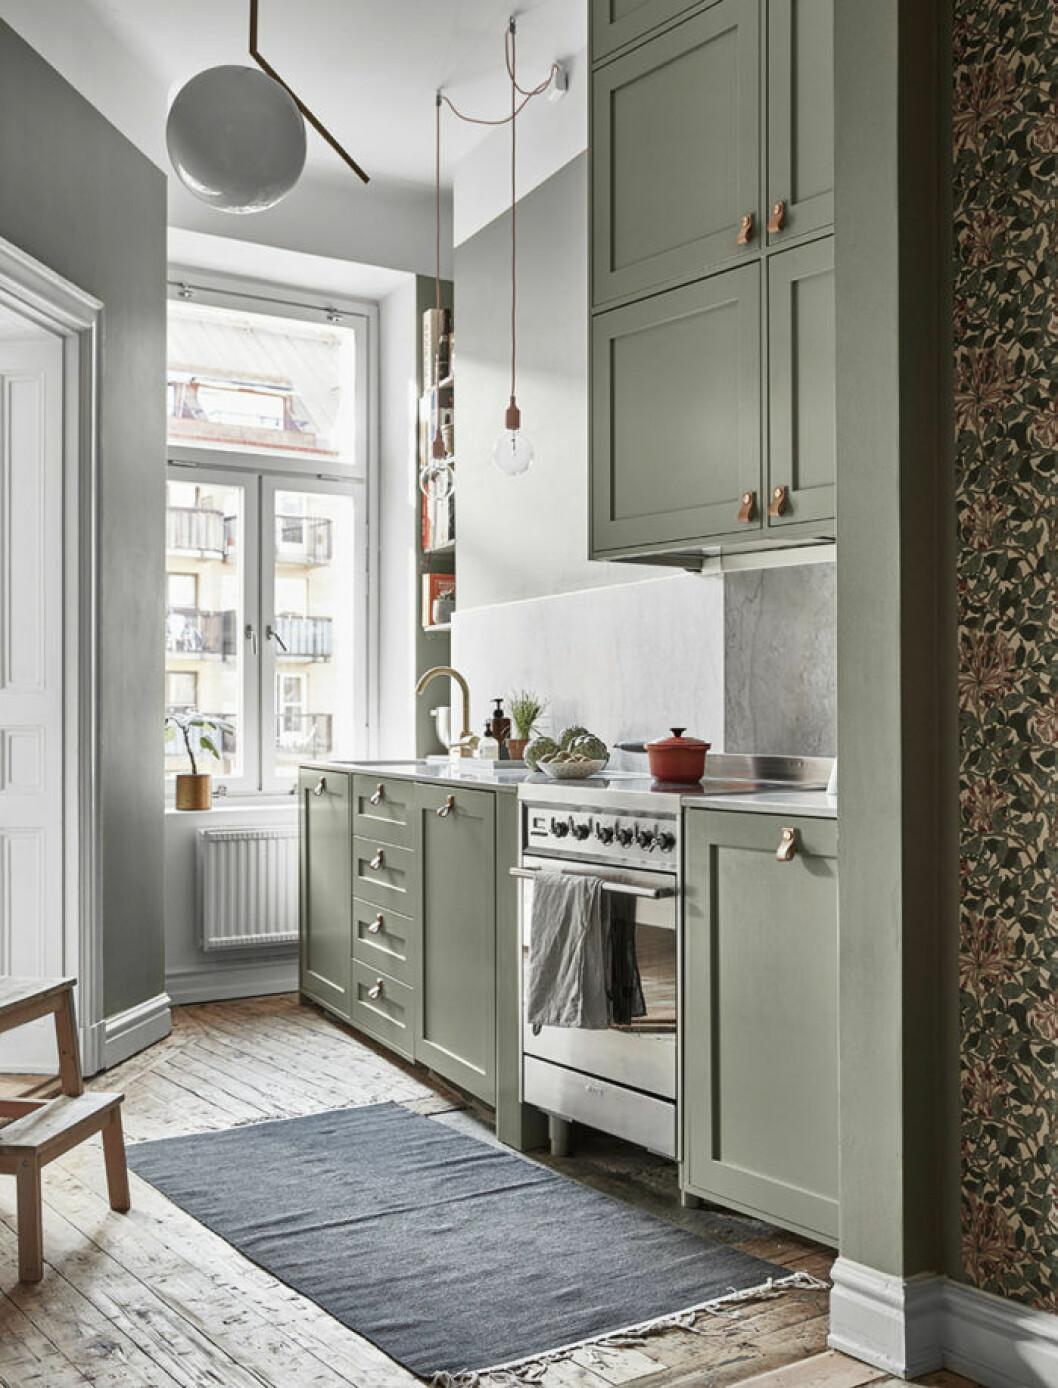 Kök med ljusgröna köksluckor